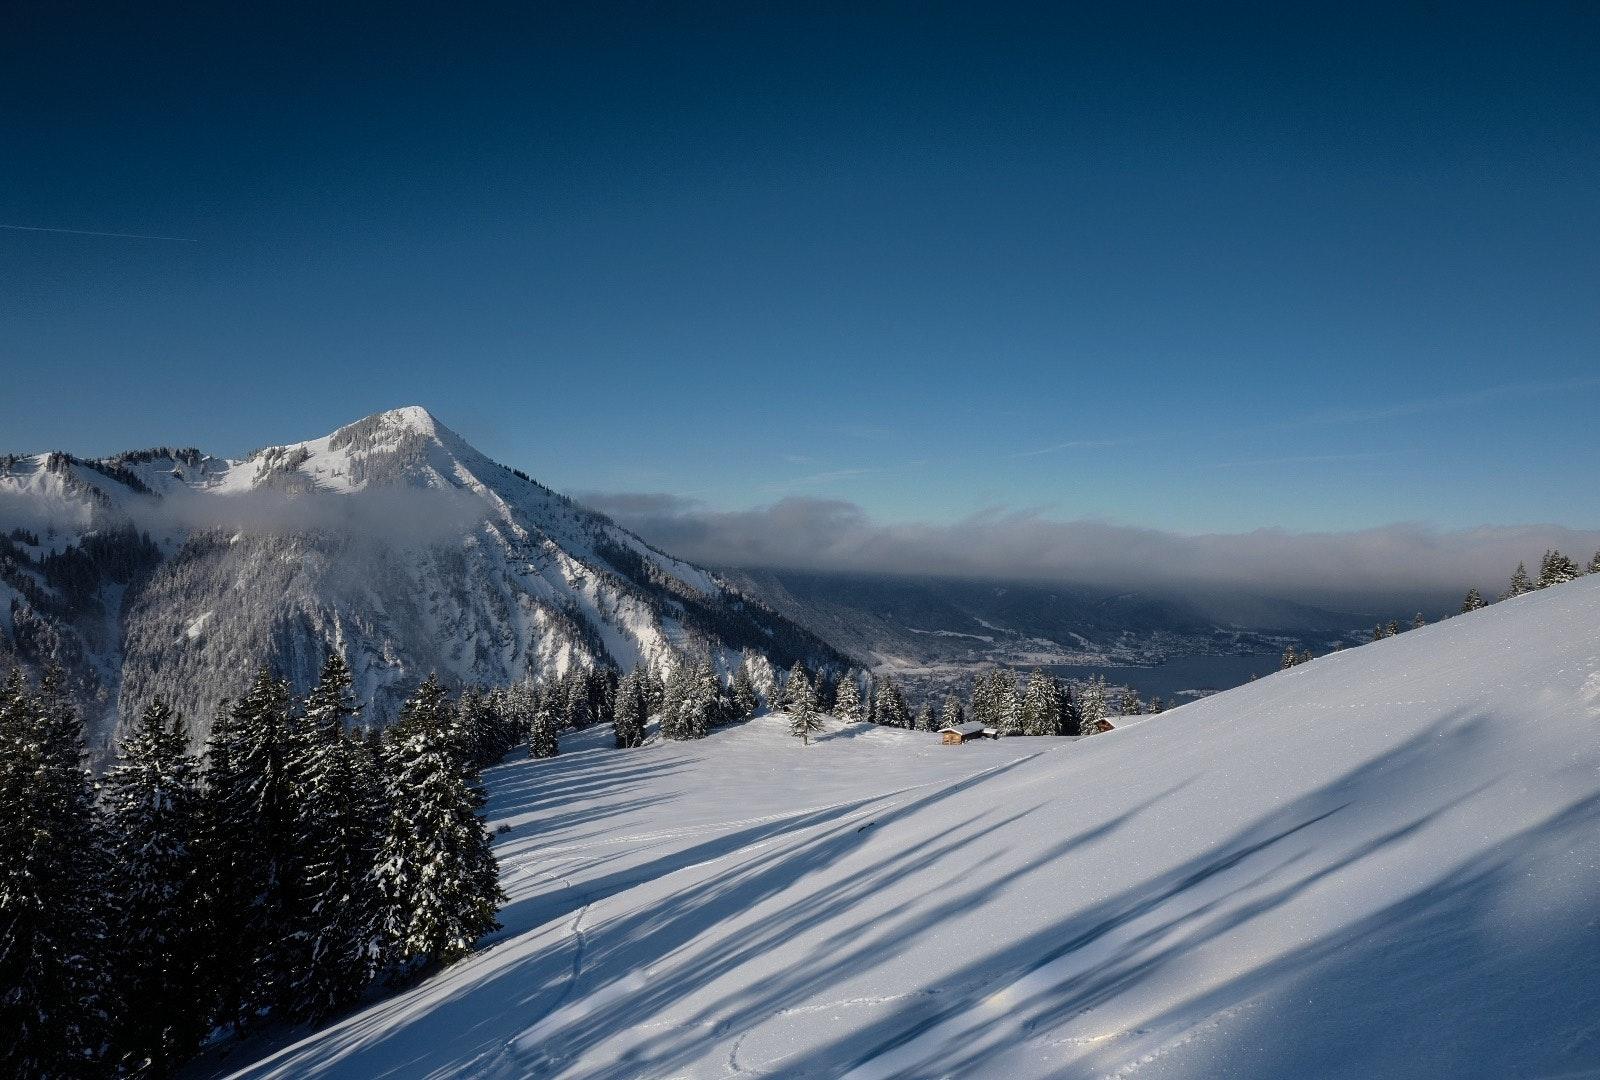 Skitourenwetter in Bayern